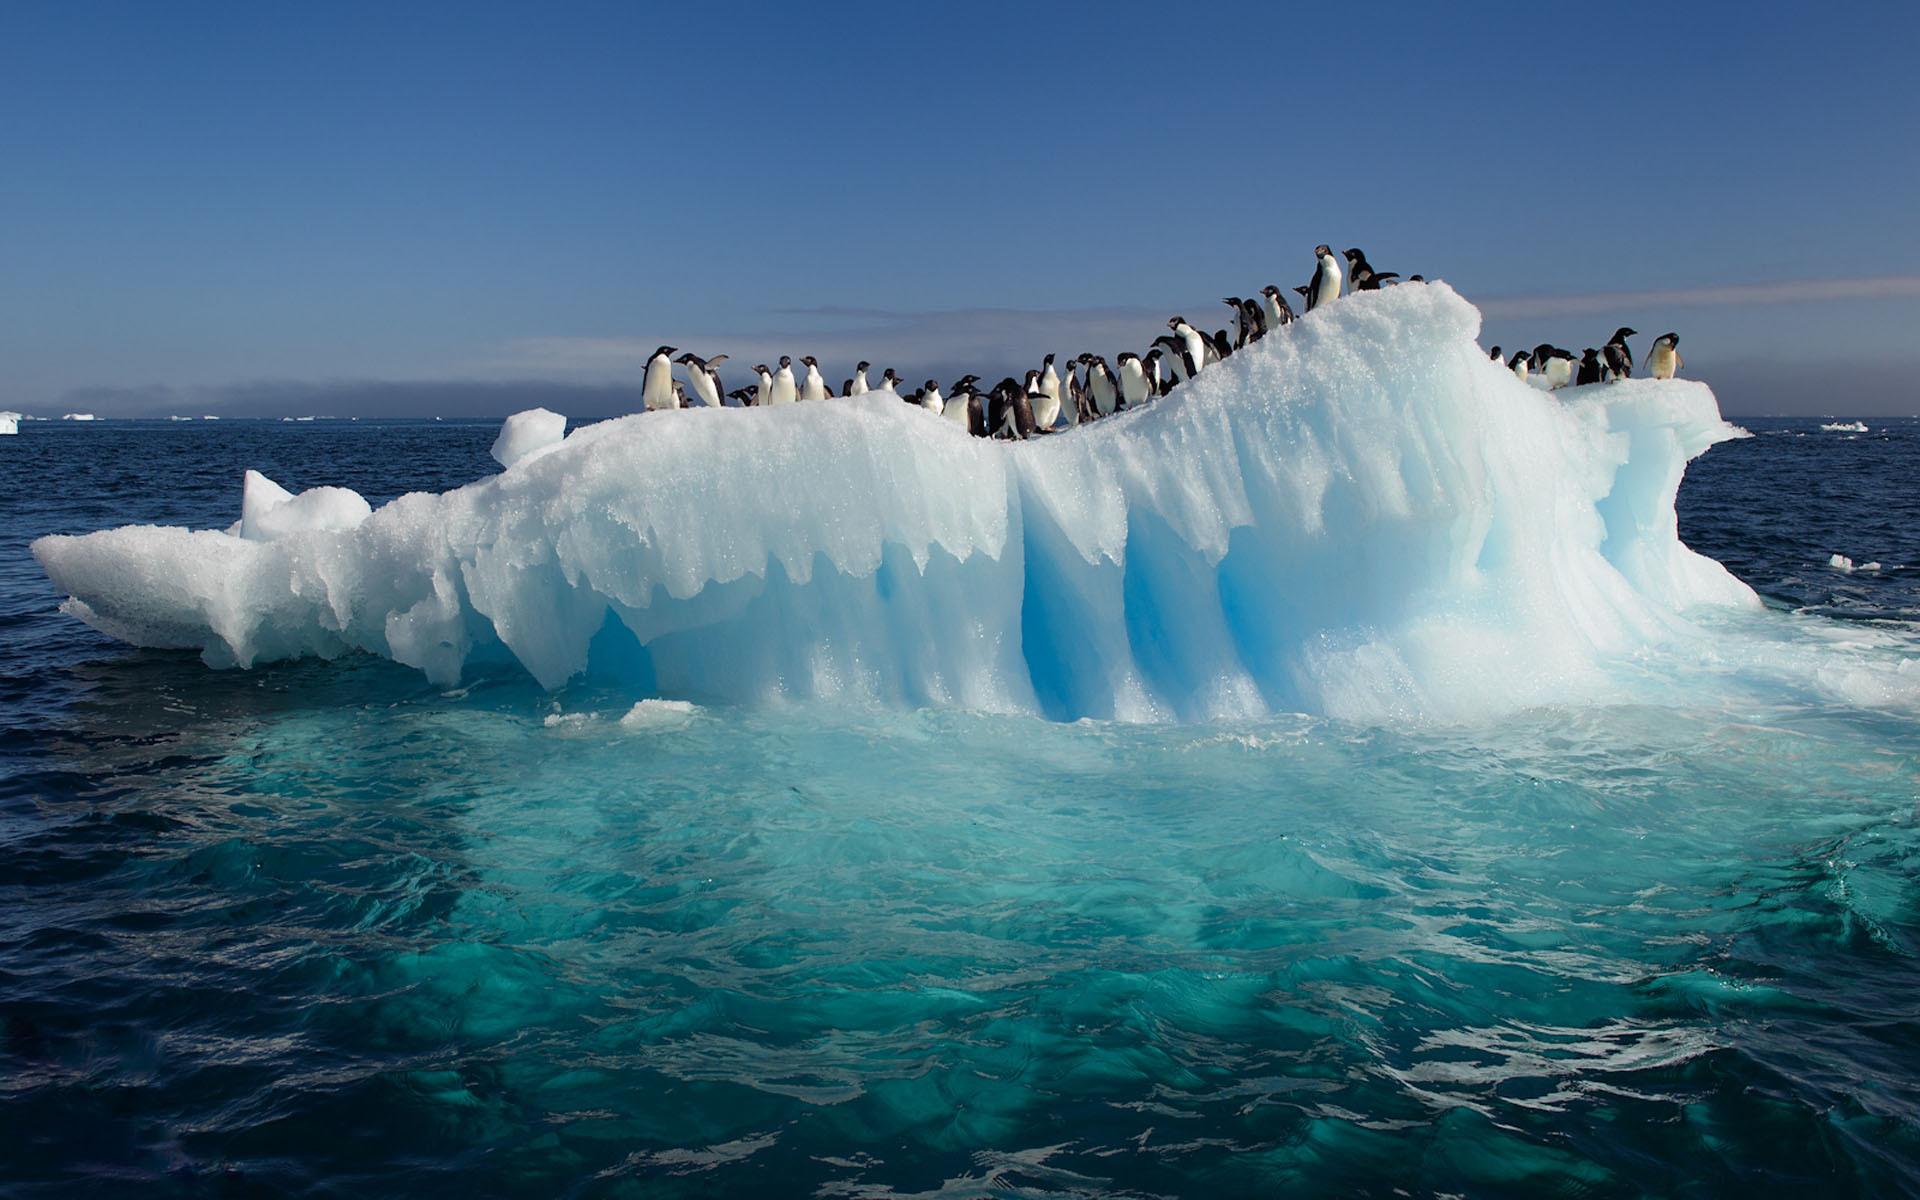 пингвины на глыбе льда  № 91208 загрузить